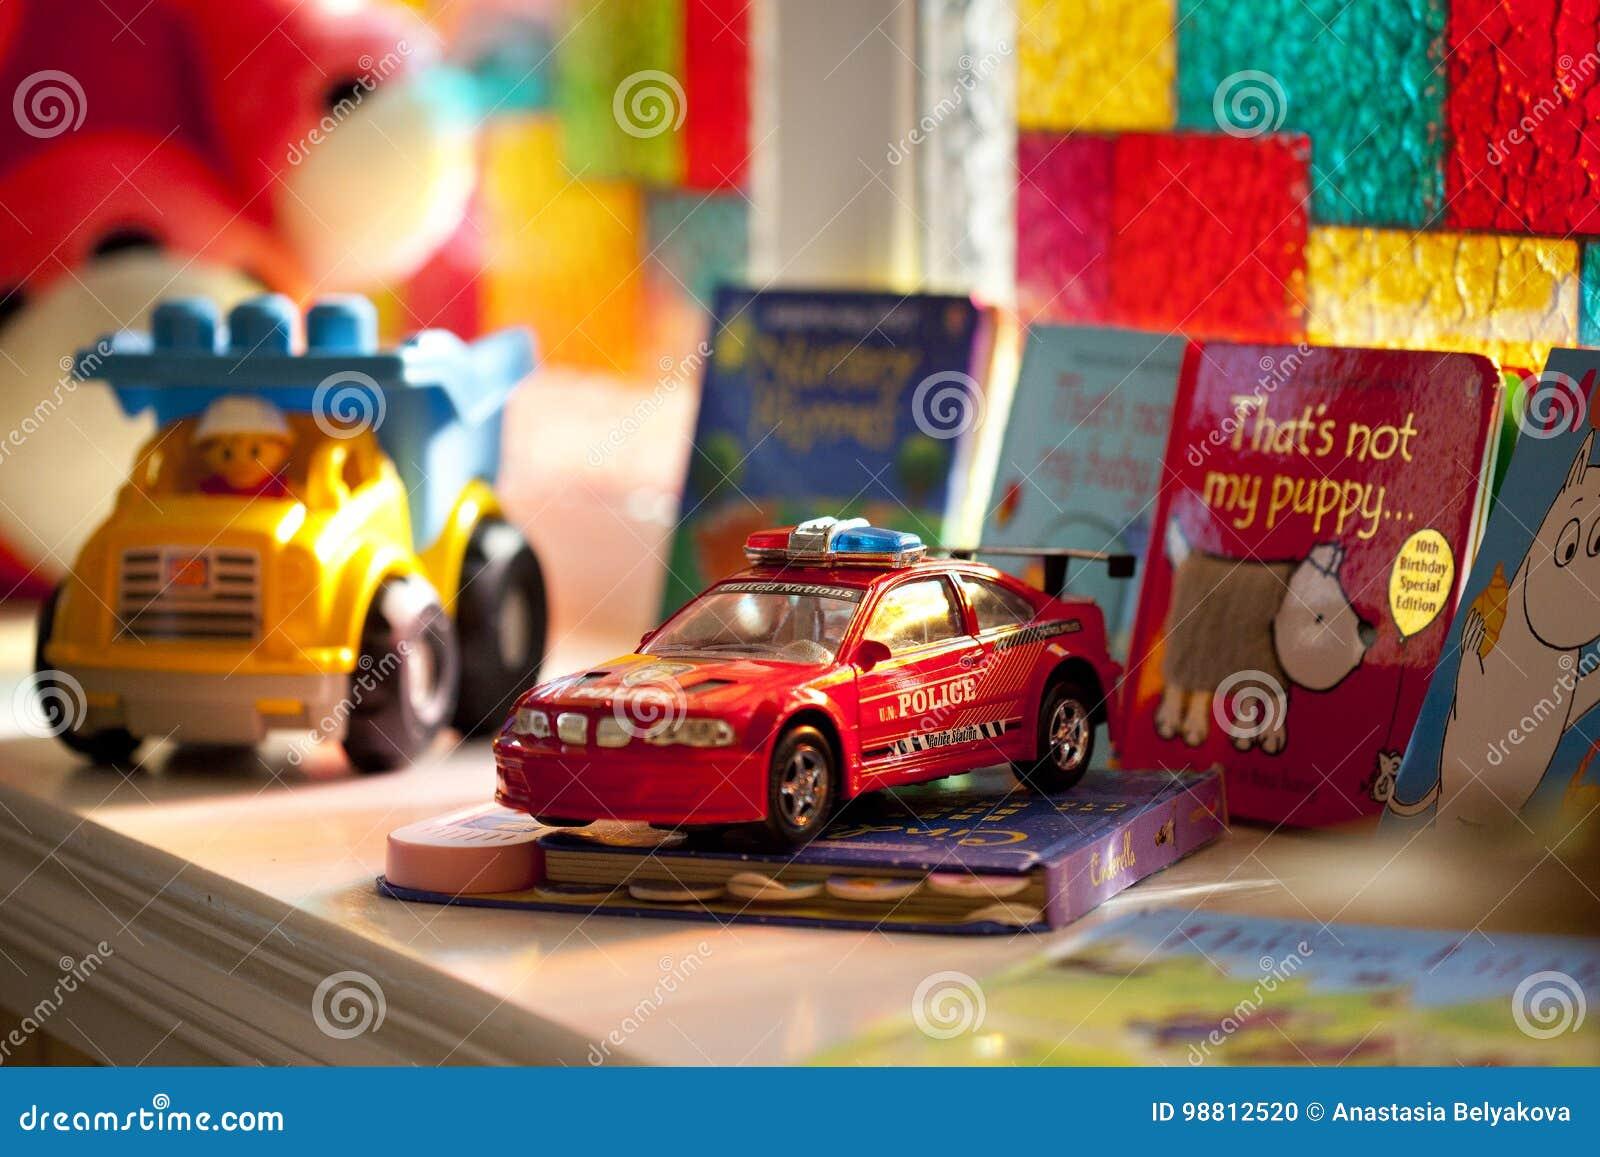 NiñosEl Varios Coloridos Los Coche Del Para Libros Juguete Y 5RA43jL